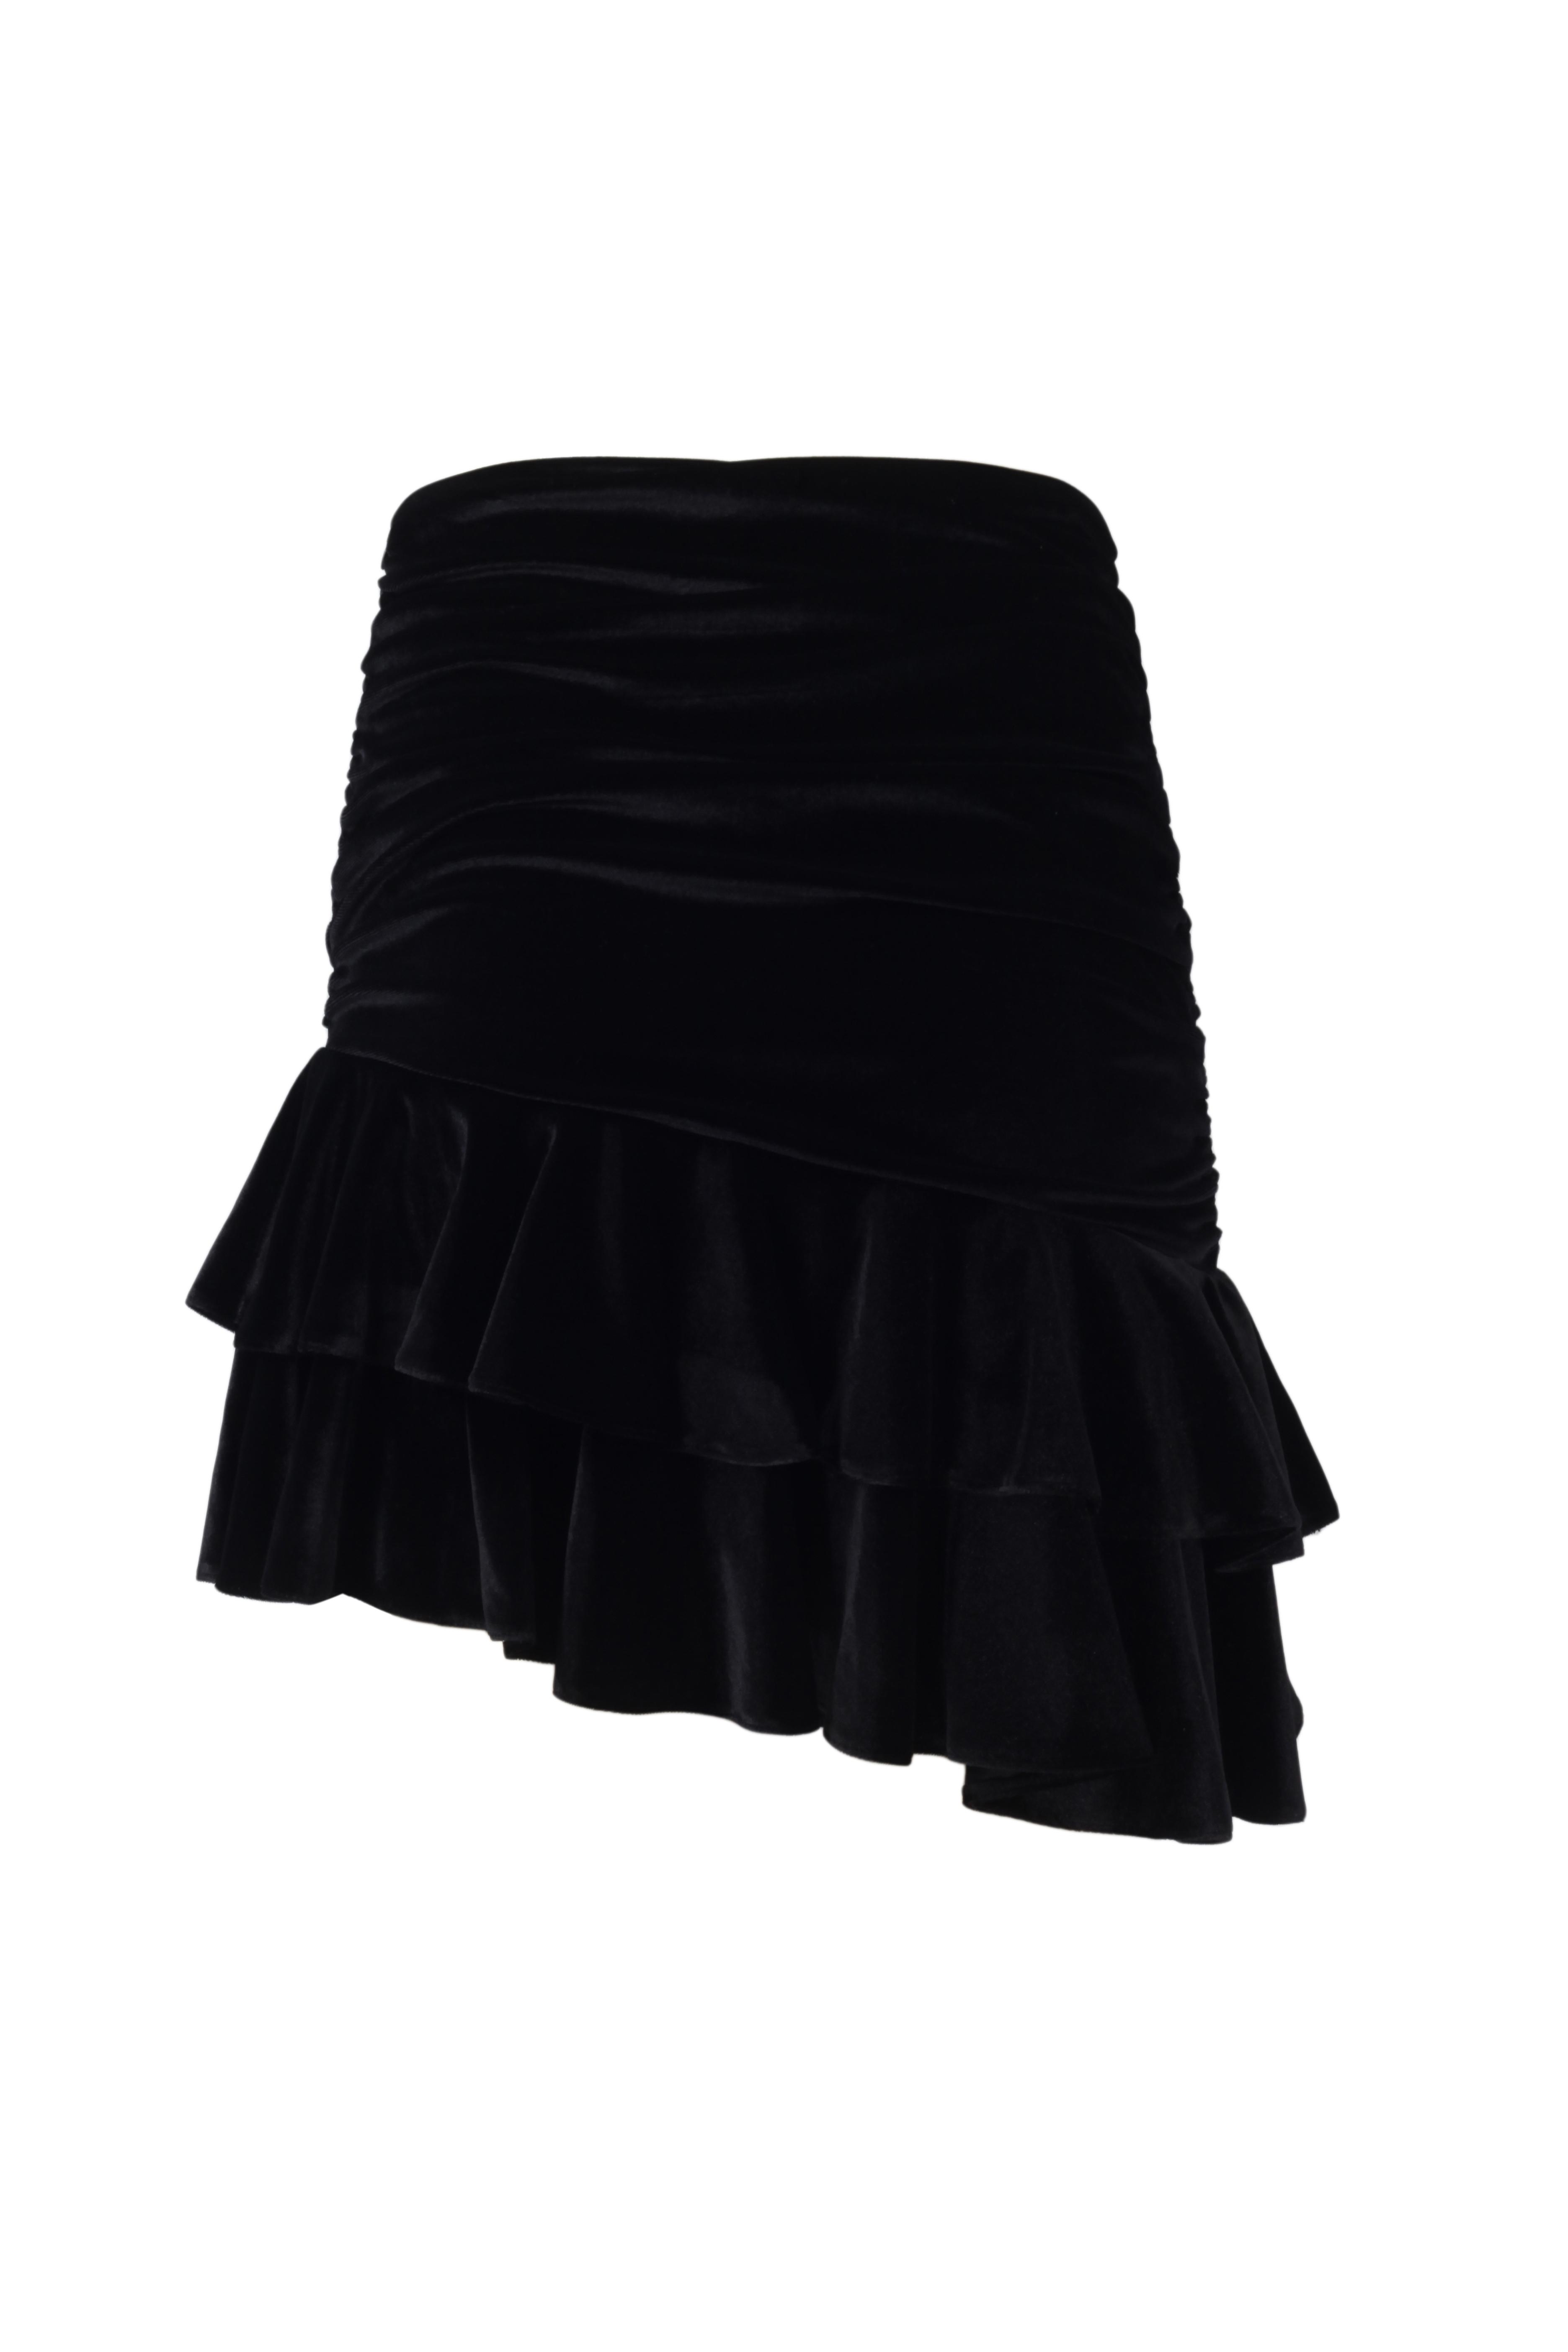 Vittoria Skirt In Black